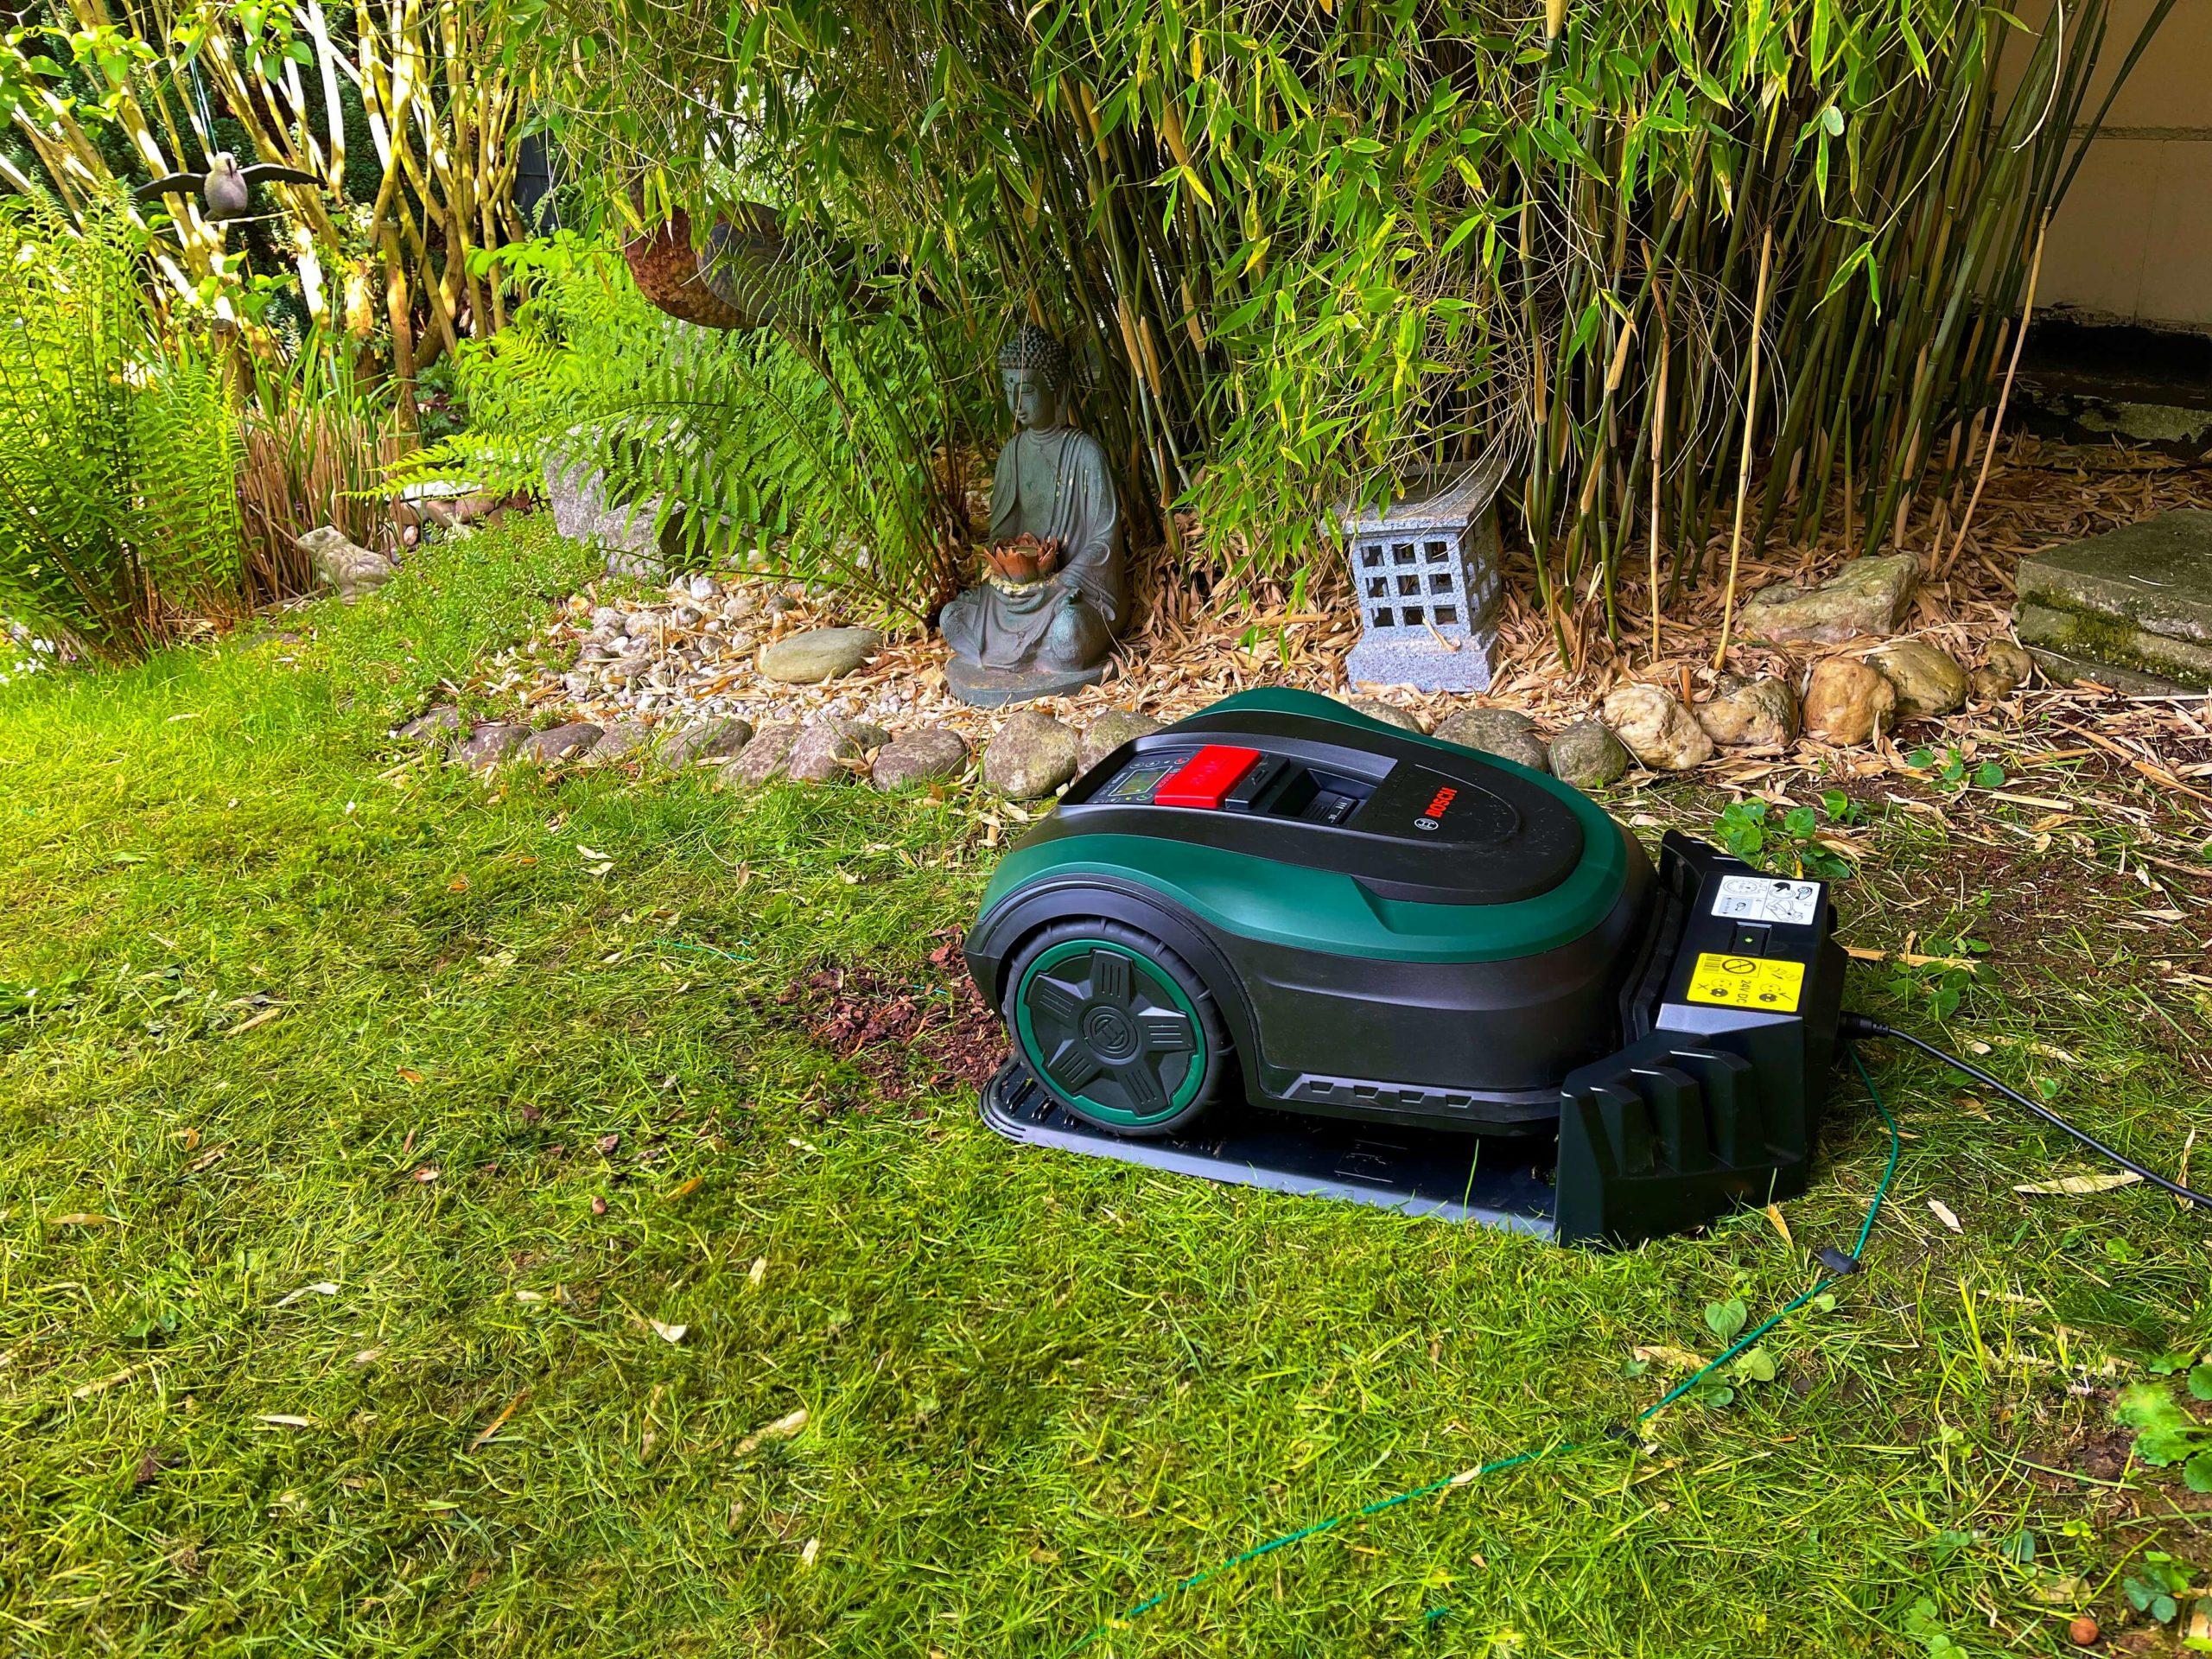 Indego-S-500-Rasenmaeherroboter-von-Bosch-smart-zur-besten-Rasenguete15-scaled Indego S+ 500 Rasenmähroboter von Bosch - Smart zur besten Rasengüte